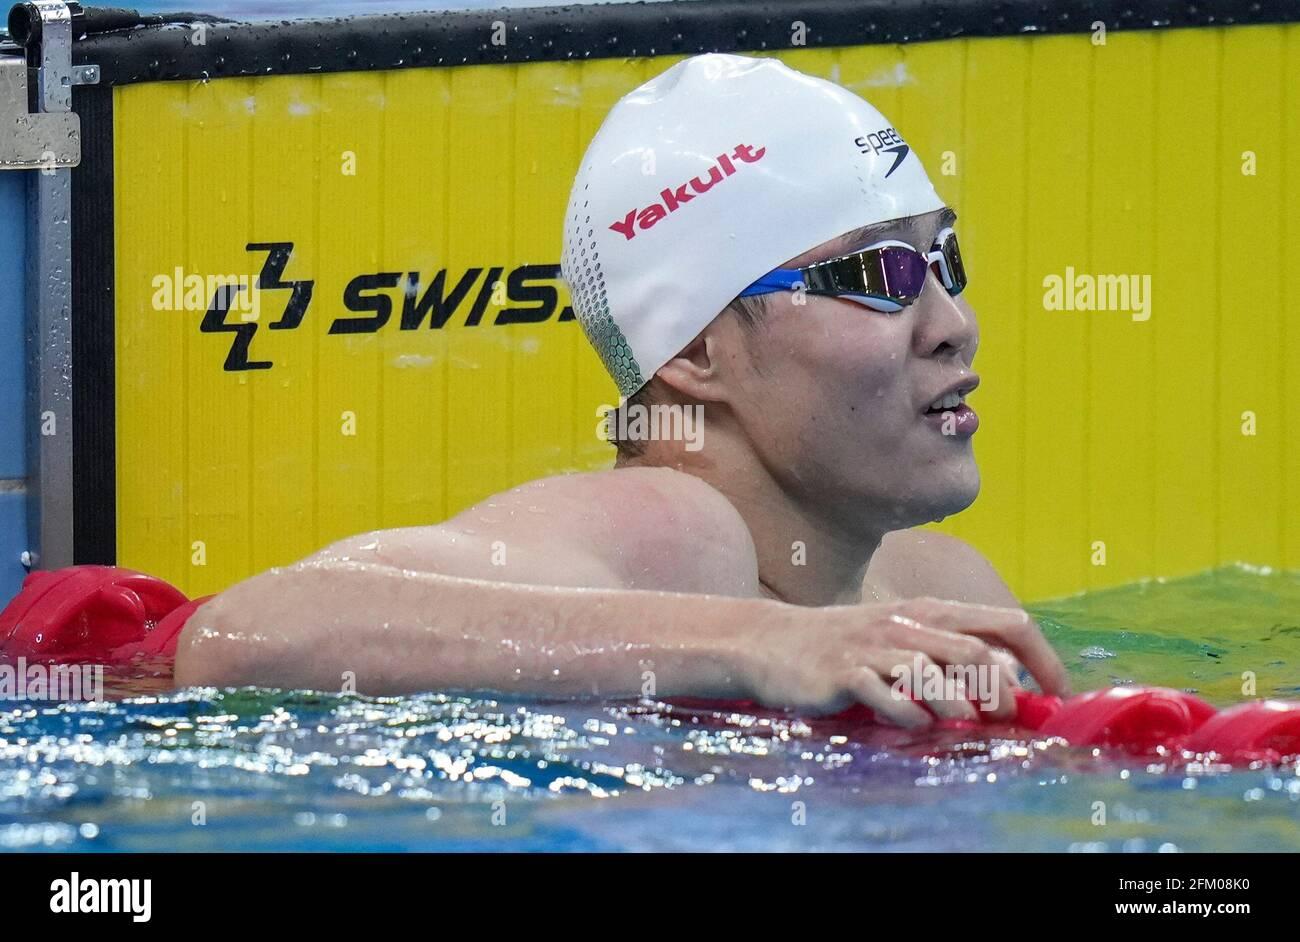 Qingdao, Chine. 5 mai 2021. Il Junyi, de Zhejiang, réagit après la finale libre de 100m des hommes aux Championnats nationaux de natation chinois 2021 à Qingdao, en Chine orientale, le 5 mai 2021. Credit: Xu Chang/Xinhua/Alay Live News Banque D'Images